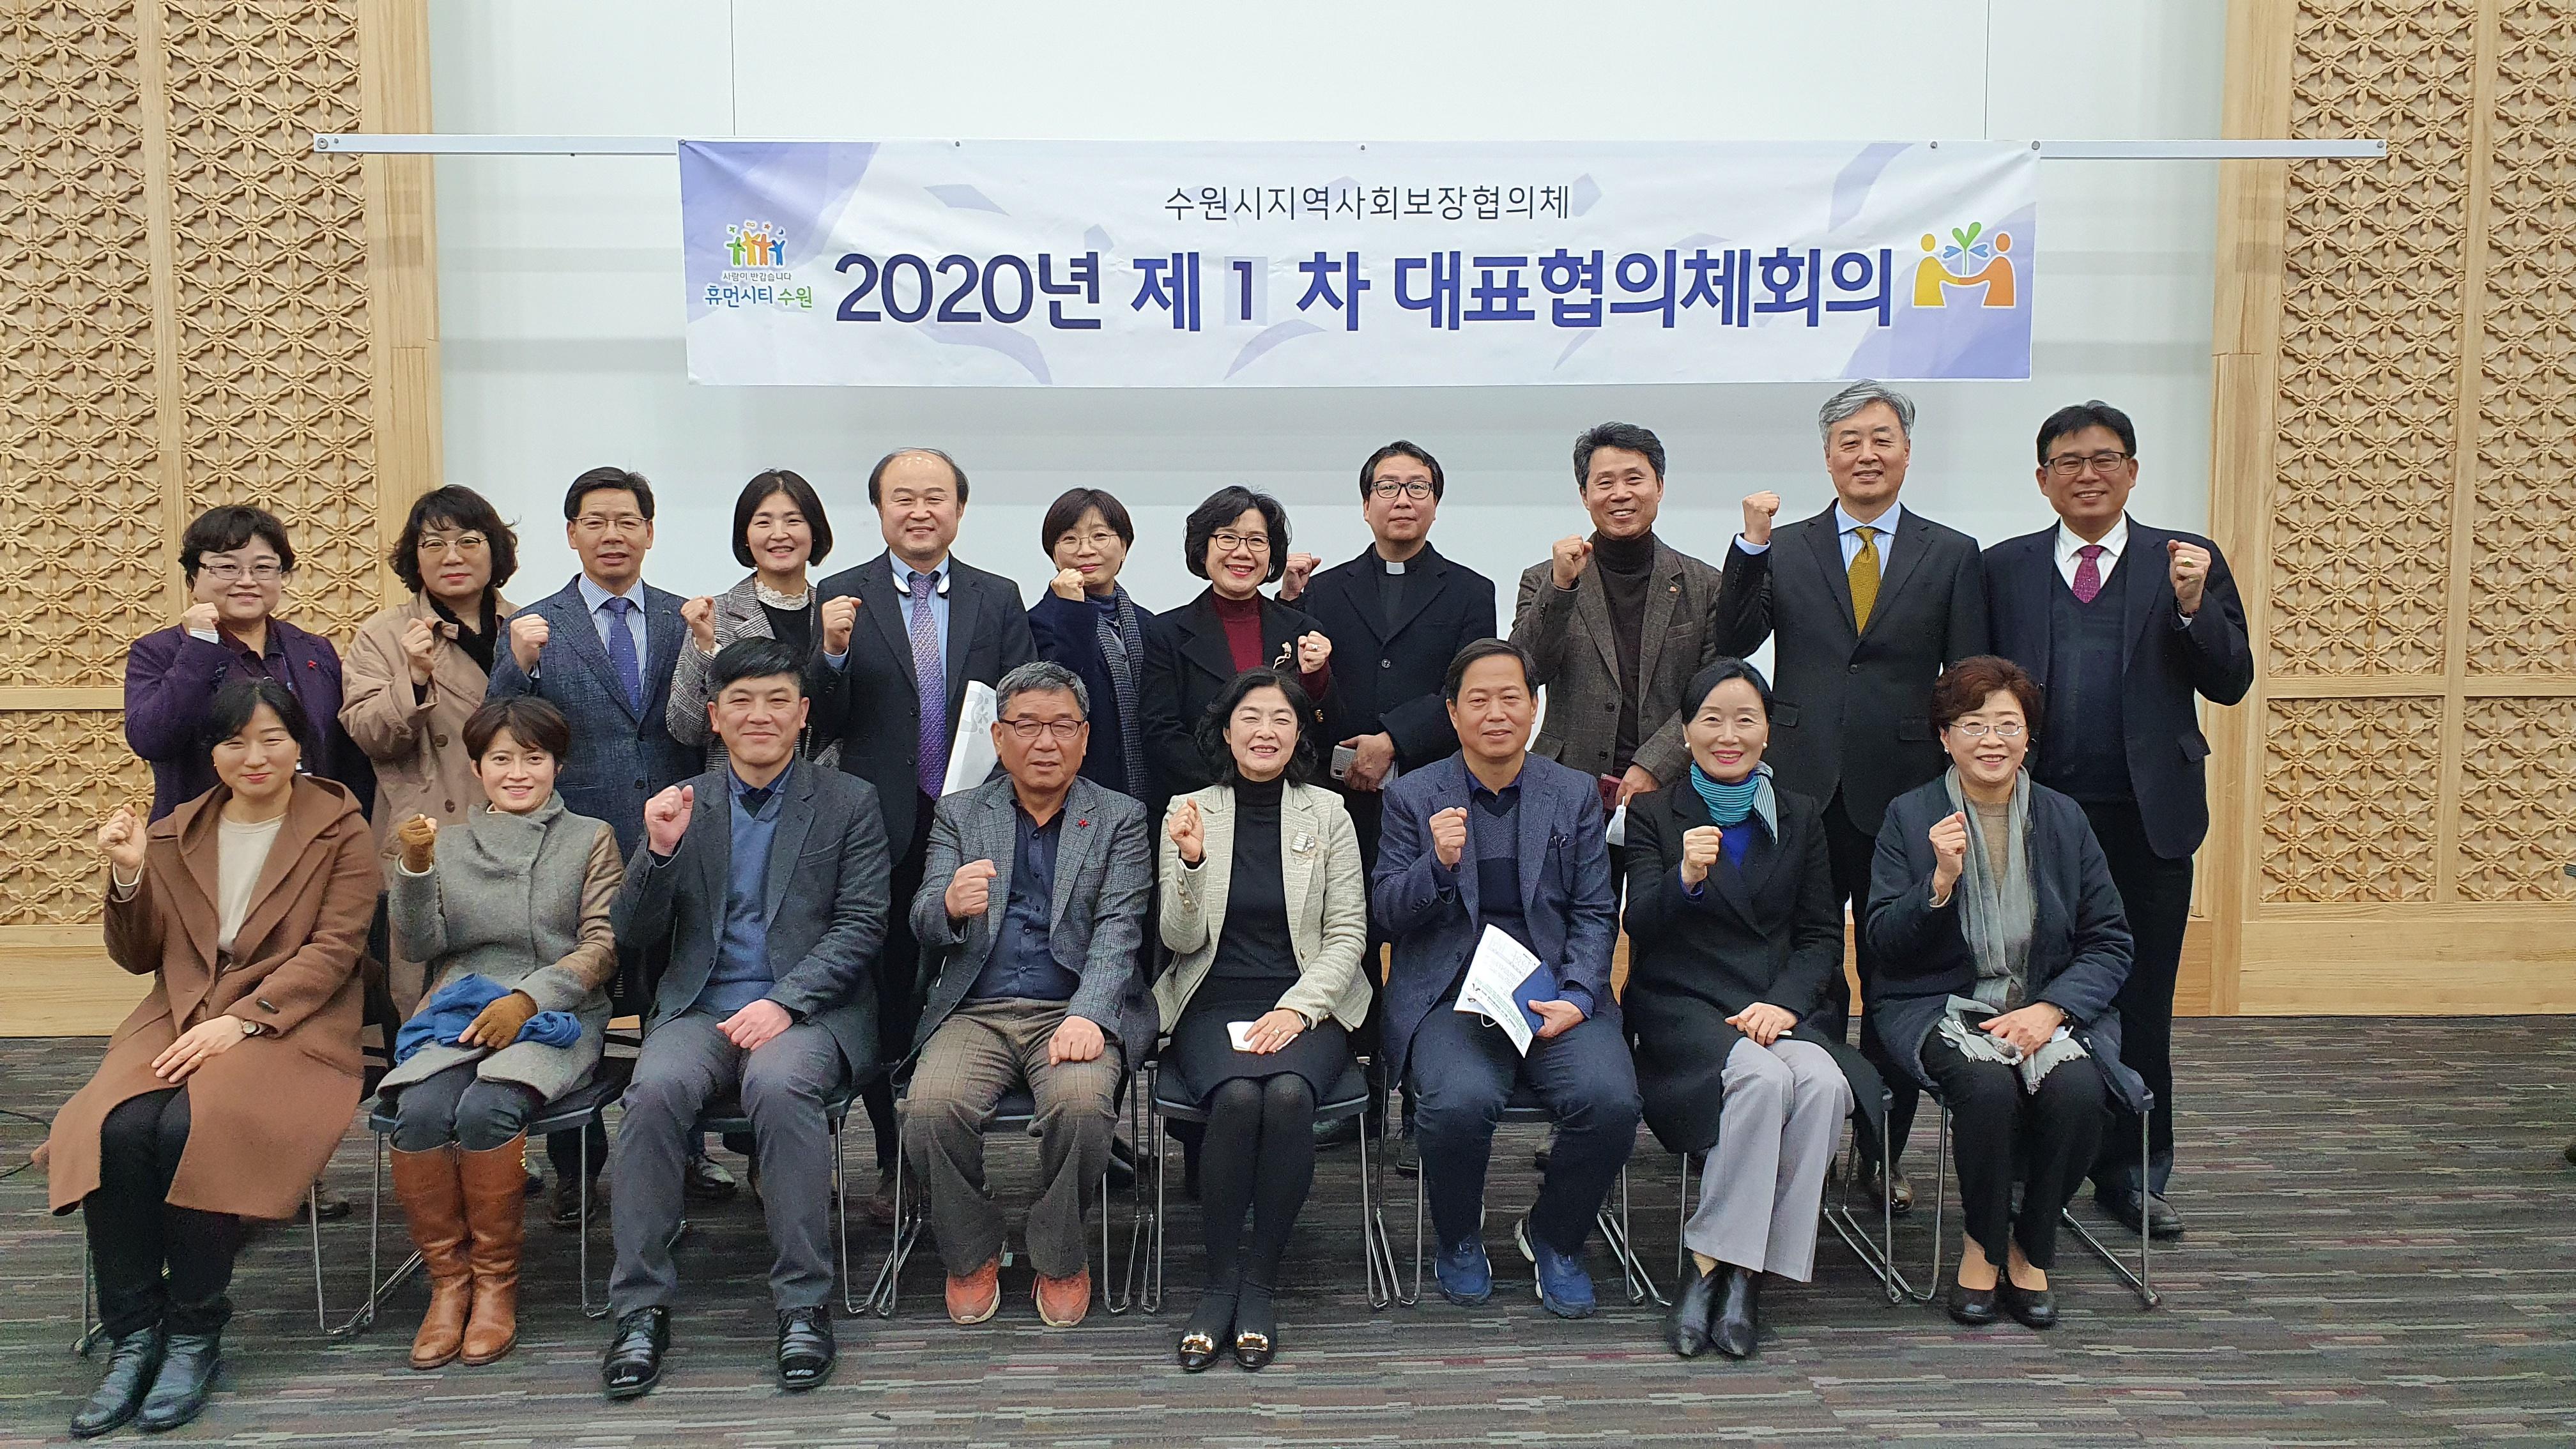 2020년 제1차 대표협의체회의 개최